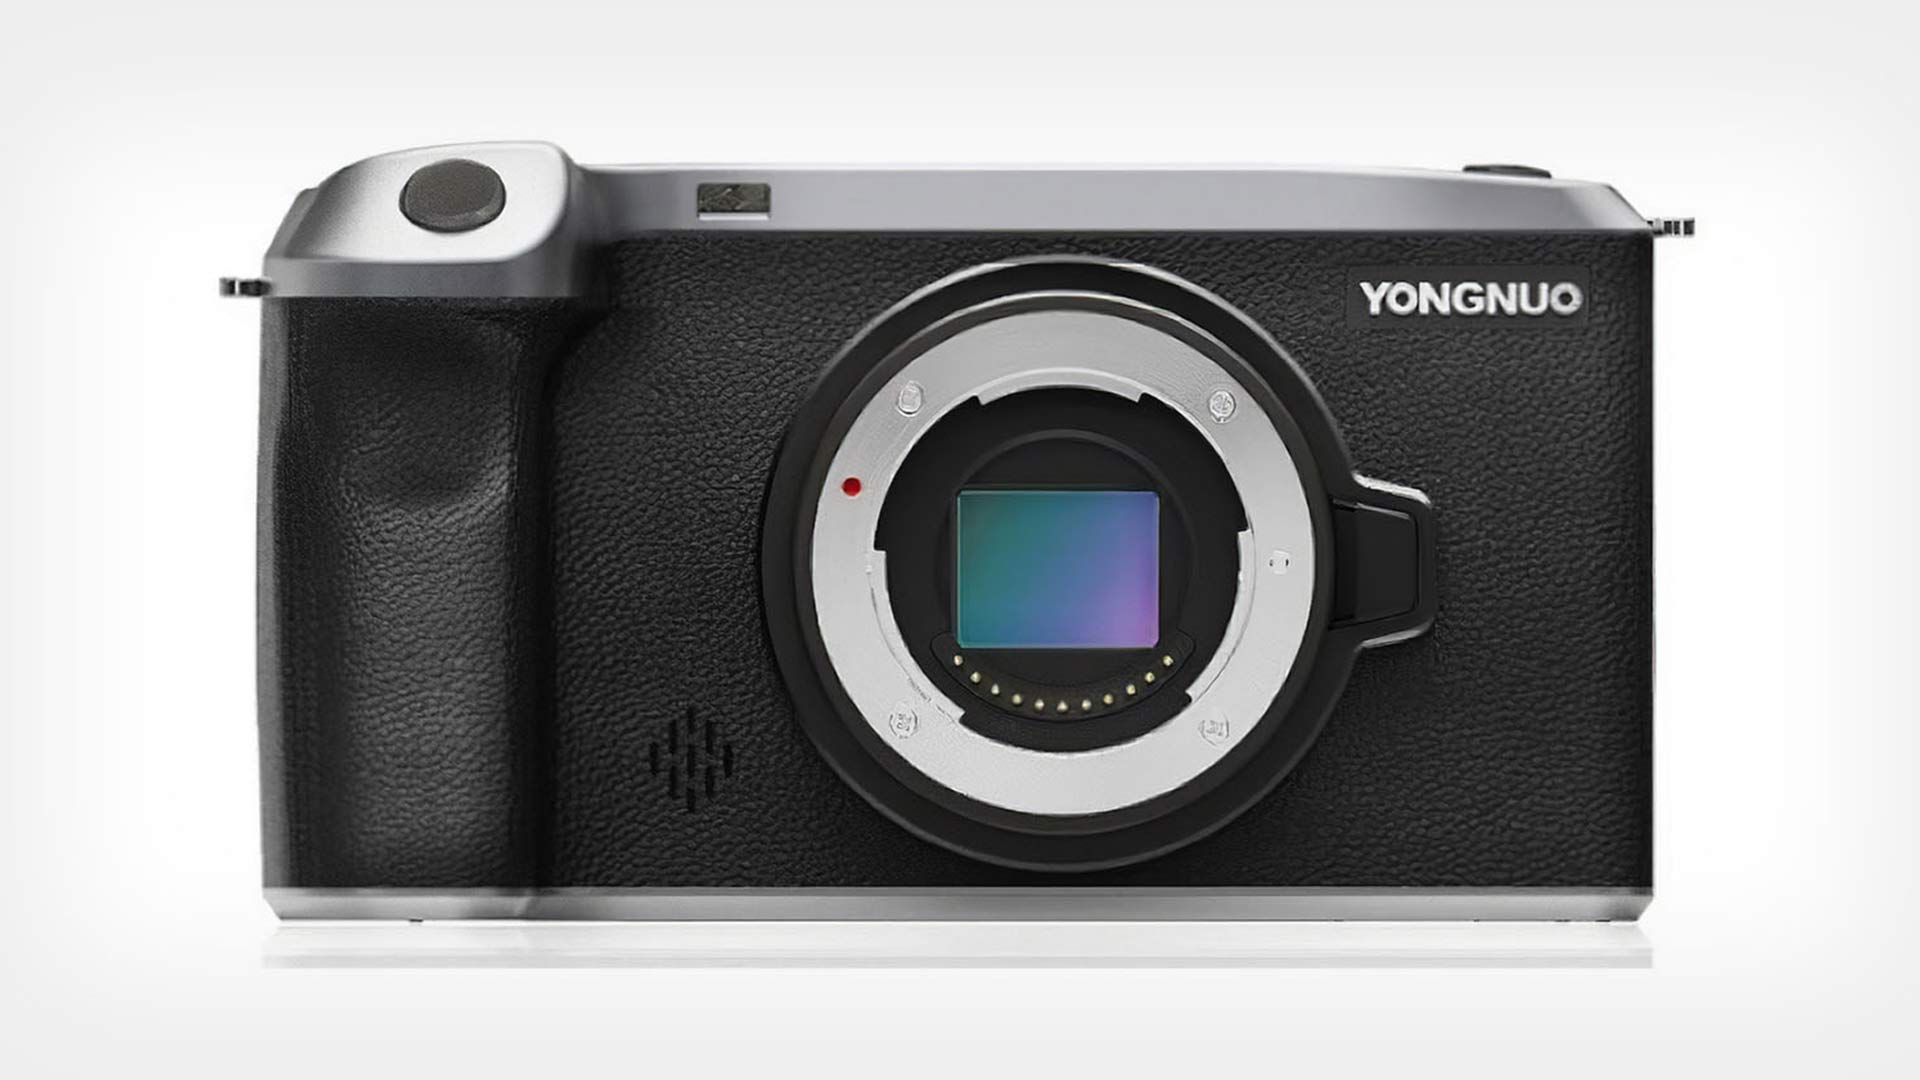 The Yongnuo YN455. Image: Yongnuo.